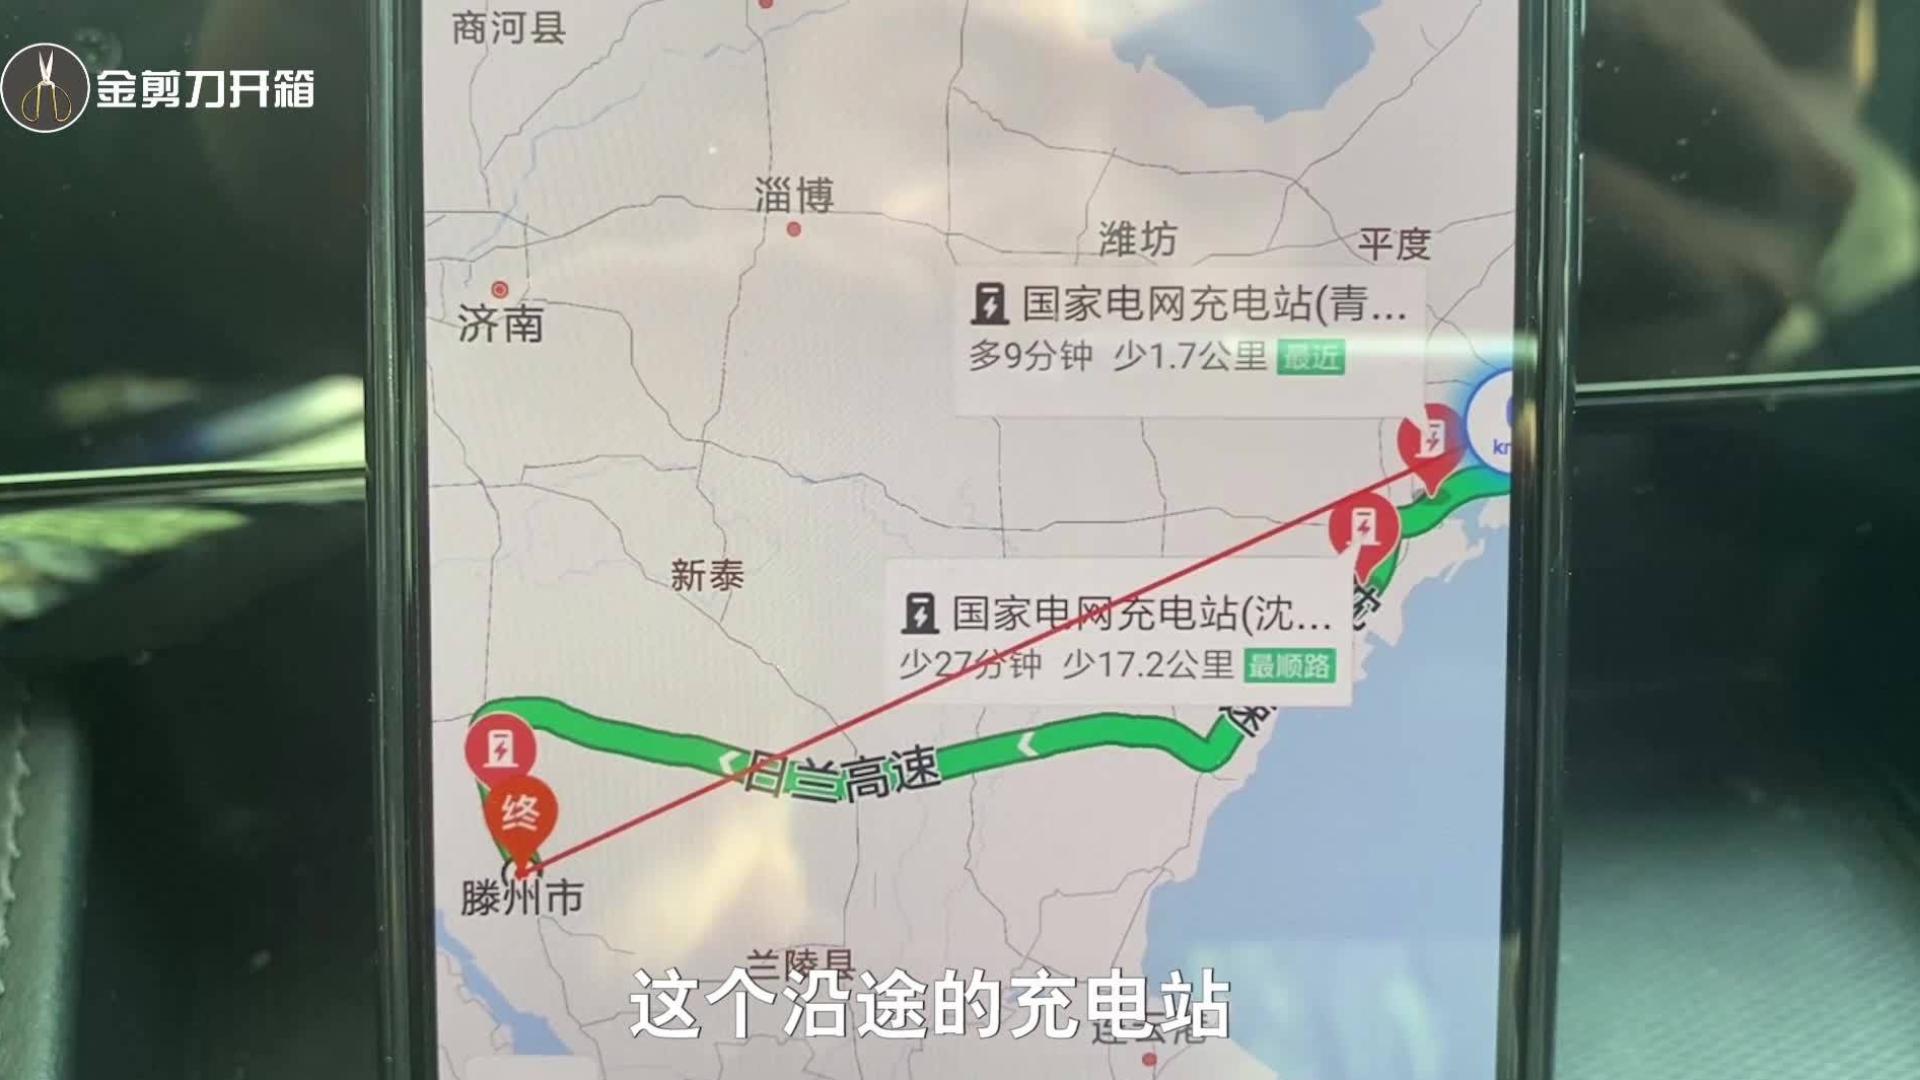 小伙开小鹏电动汽车跑高速,青岛到滕州450公里,能顺利到家吗?